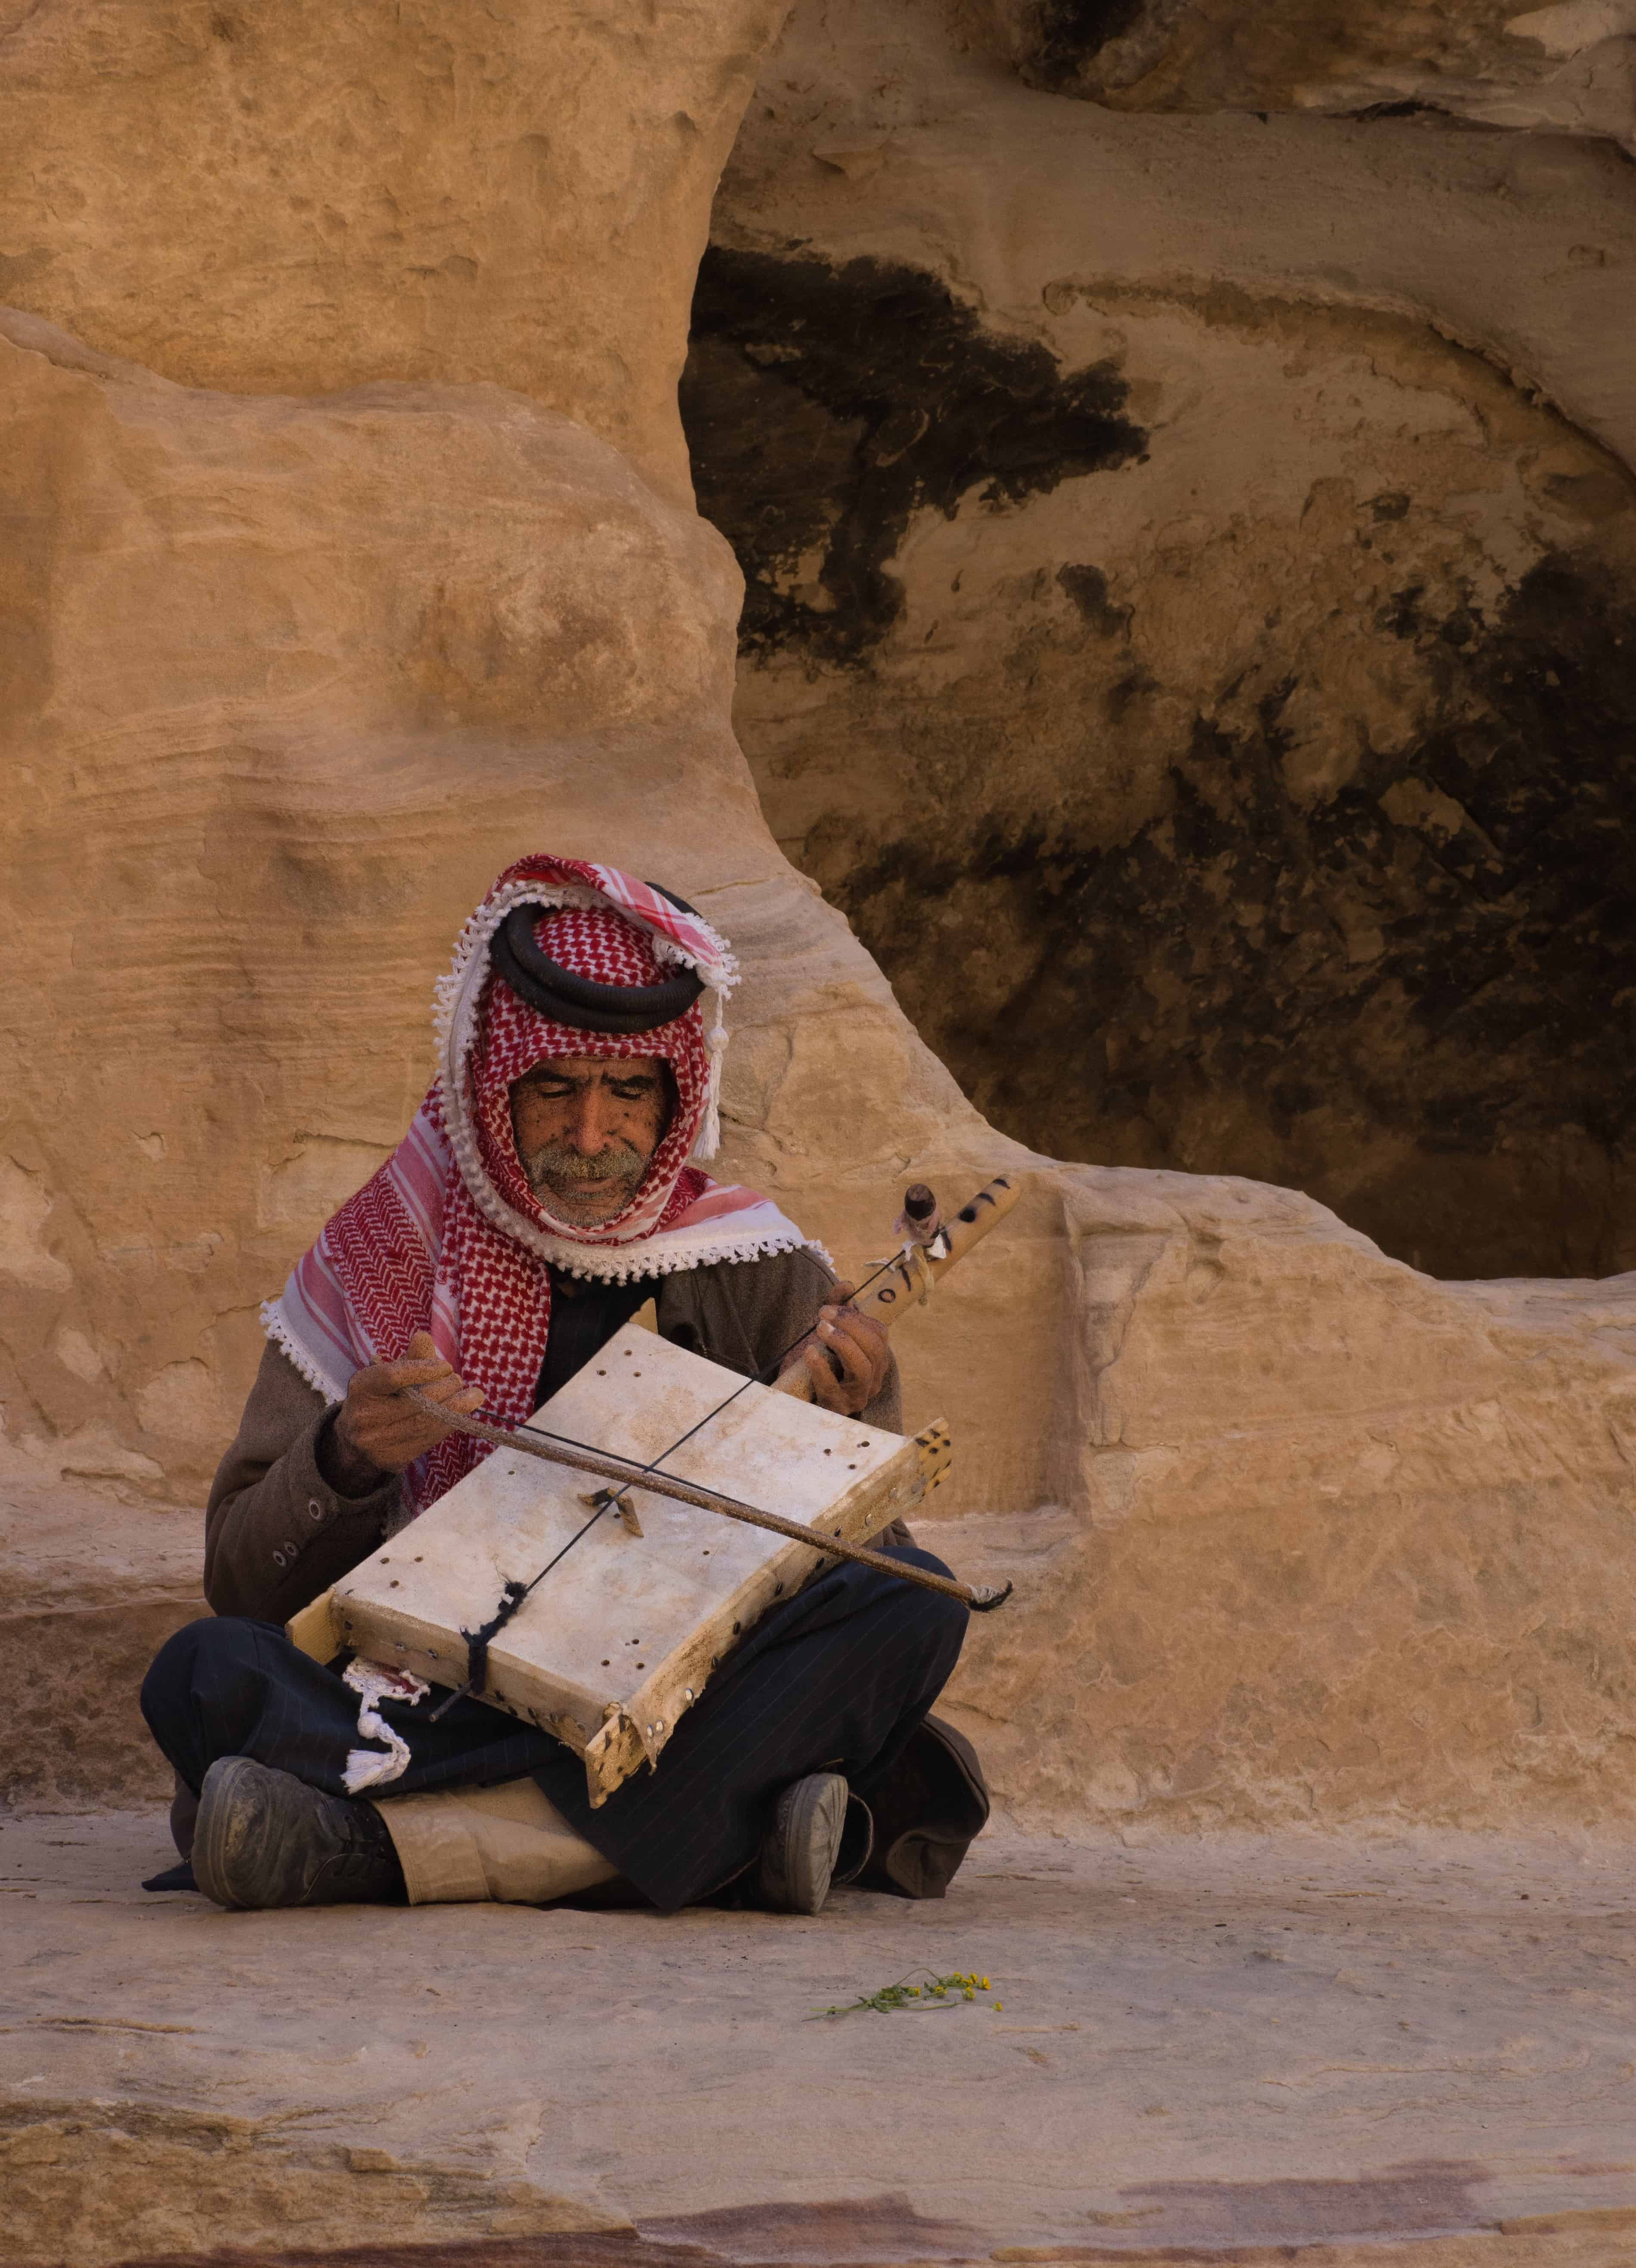 Little Petra Musician